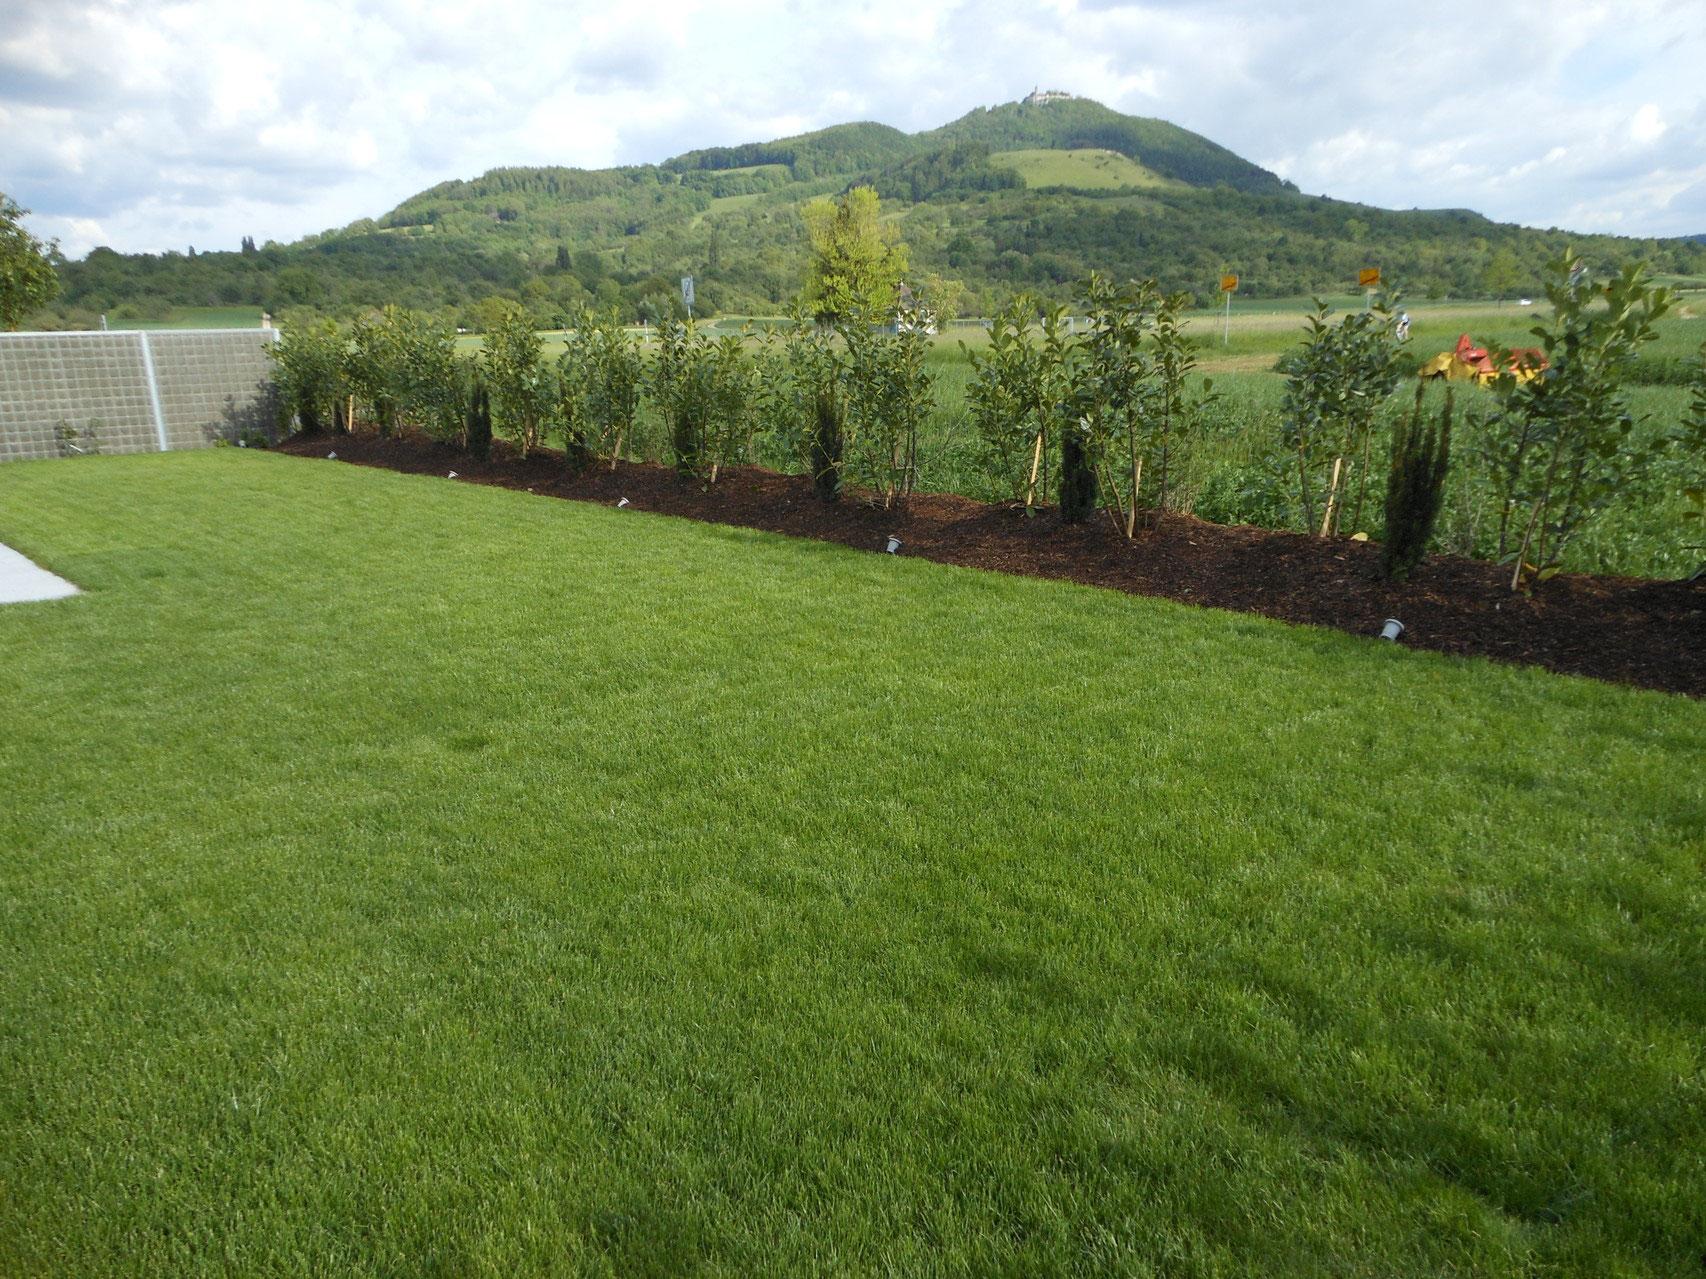 pflanzung fertigrasen garten und landschaftsbau sch nbeck. Black Bedroom Furniture Sets. Home Design Ideas